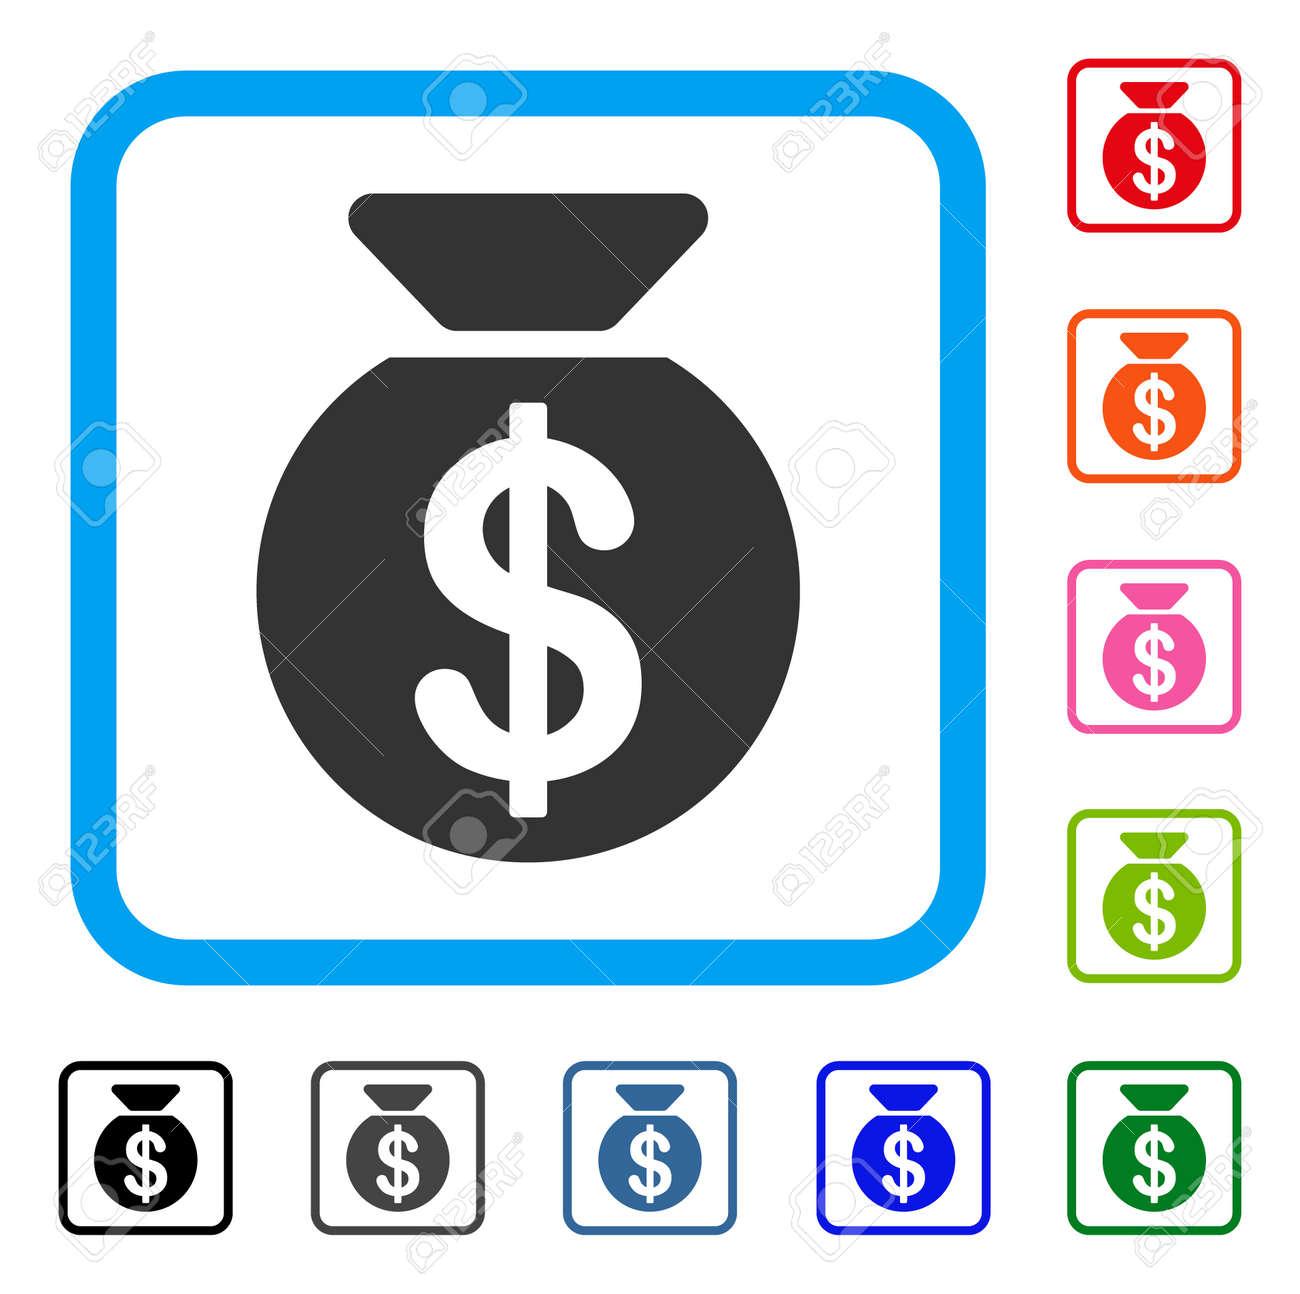 Icône de sac d'argent. Symbole de pictogramme gris plat dans un cadre carré arrondi bleu clair. Noir, gris, vert, bleu, rouge, orange des versions